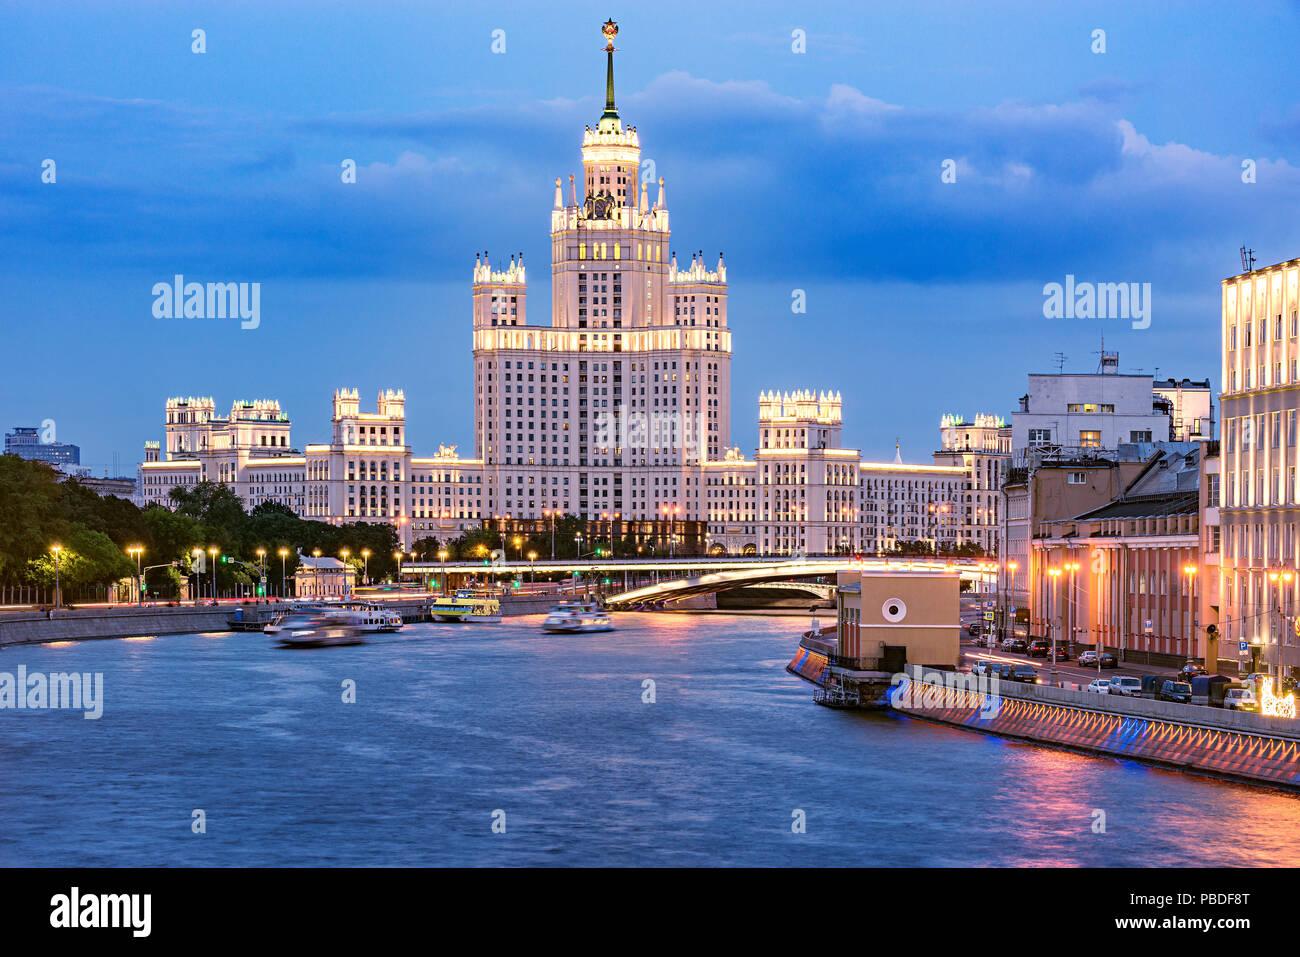 Retro skyscraper by the river. Moscow. Russia. Stock Photo